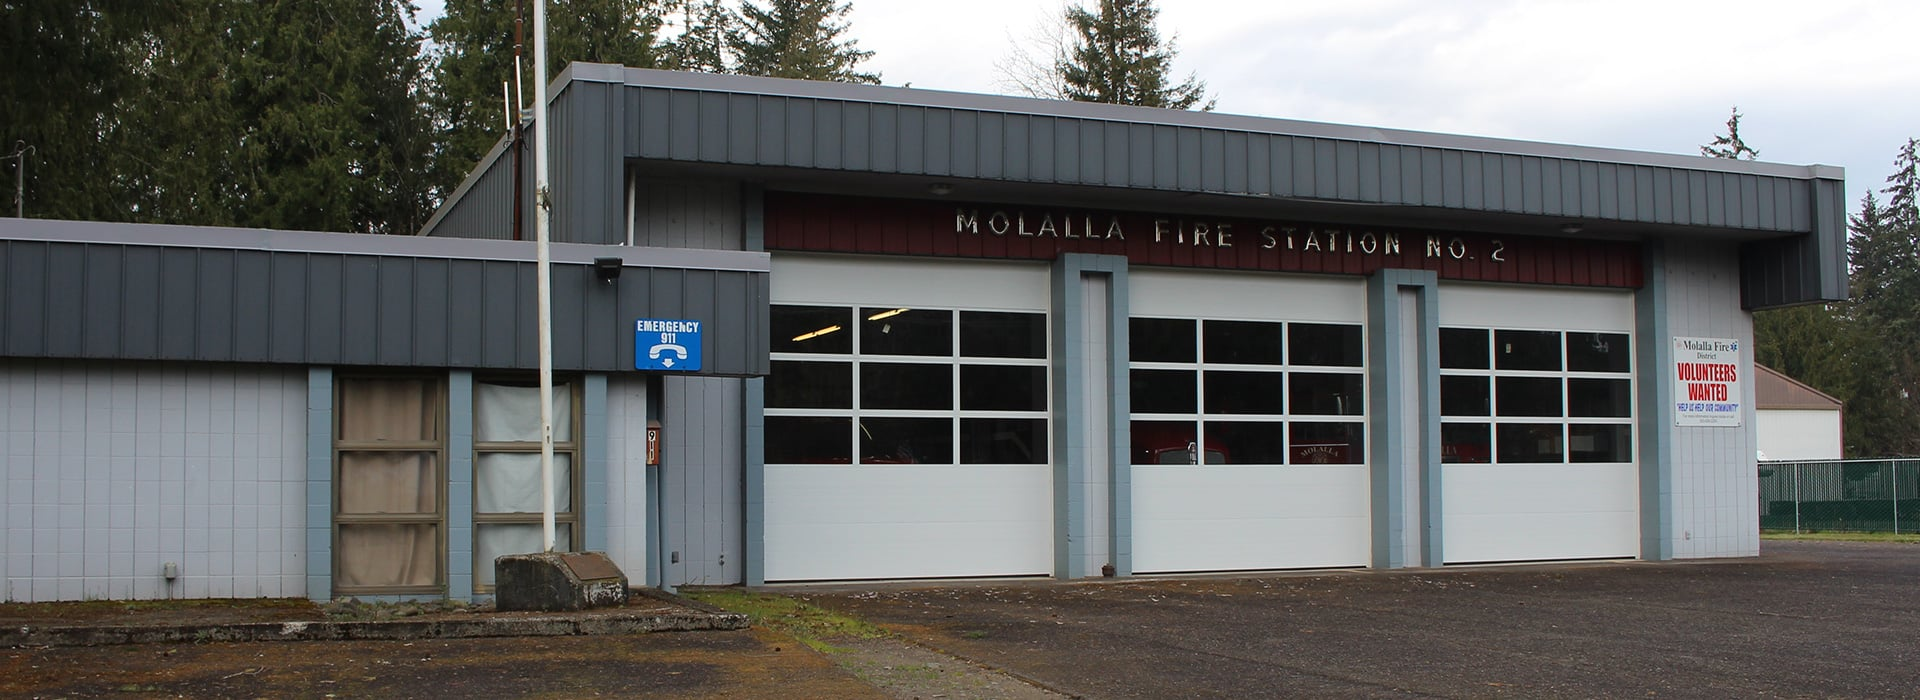 Molalla Fire's Mulino Fire Station